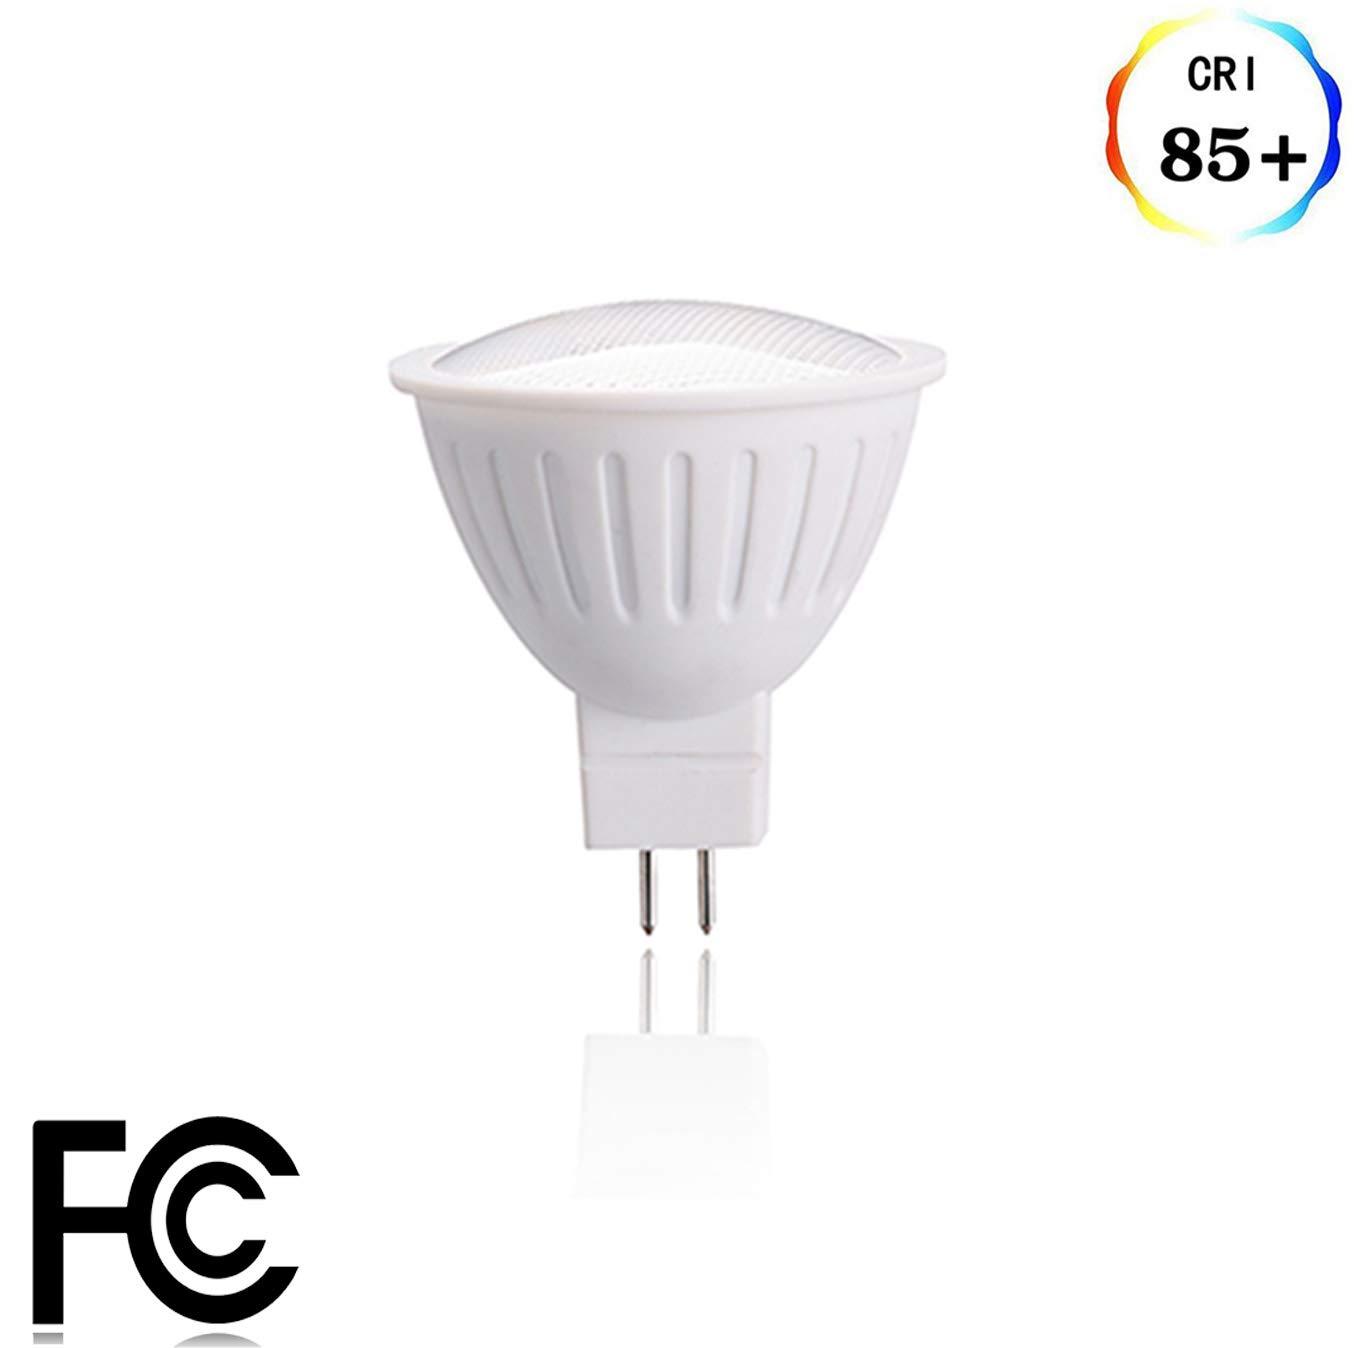 (パックof 1 ) gu5.3 LEDスポットライト電球5ワット( 50 W相当蛍光灯電球) mr16 Medium Baseトラックライト12ボルト500lumen 120degree非調光機能付きで使用レストラン 1 Pack イエロー AGU5.3-ND5W2700K-Y1 B0713SFKVQ 2700k Warm White 1